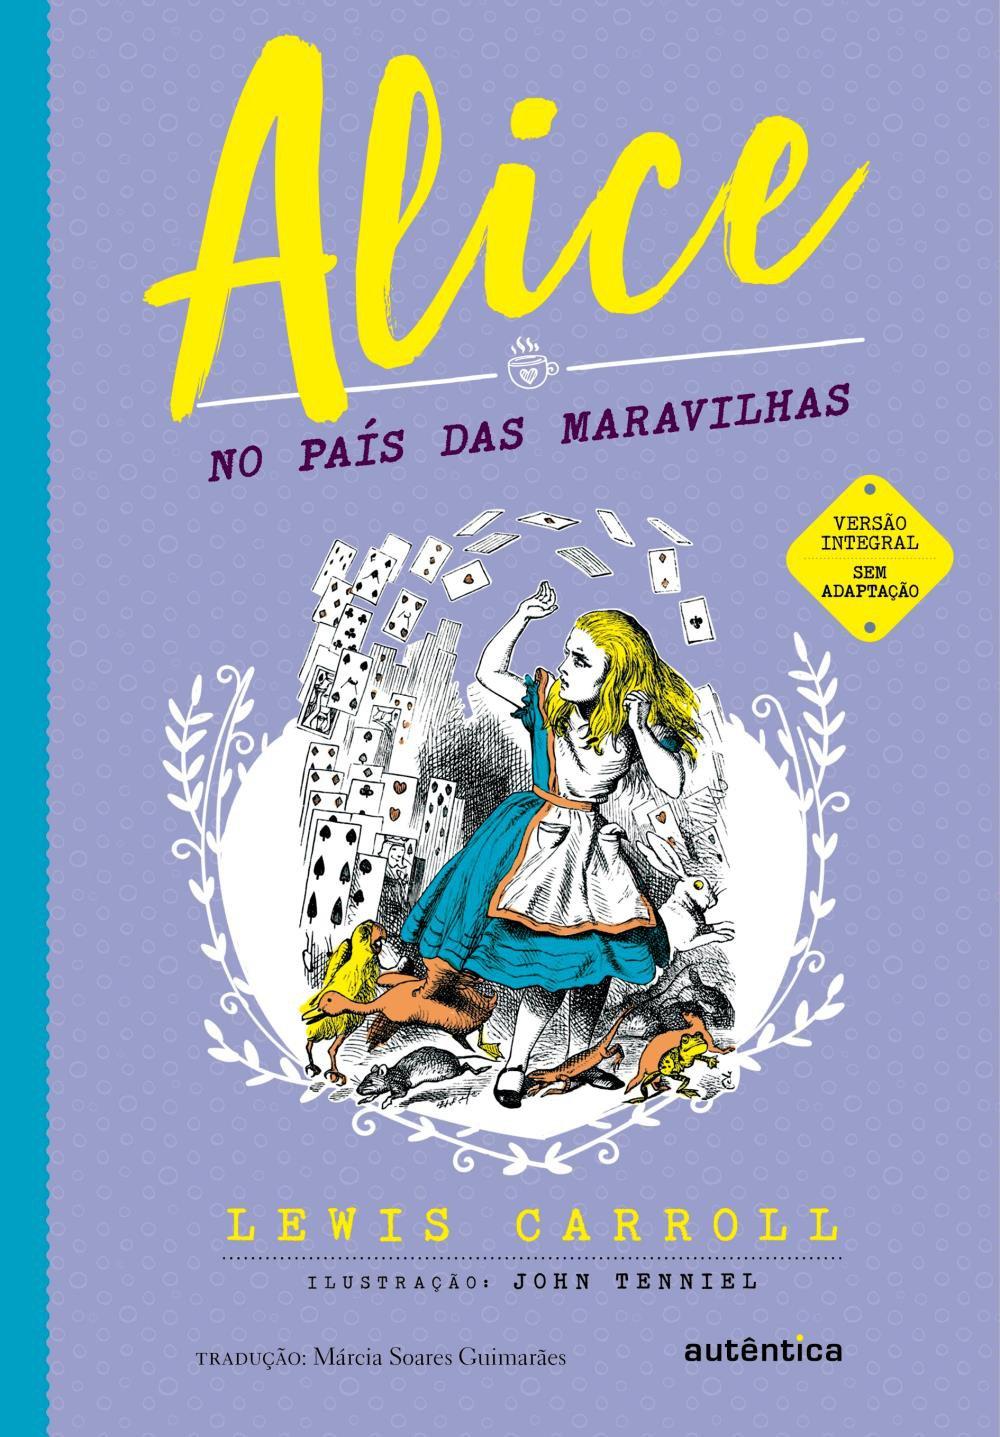 Alice Nos Pais Das Maravilhas Filme Online alice no país das maravilhas - versão integral, sem adaptação